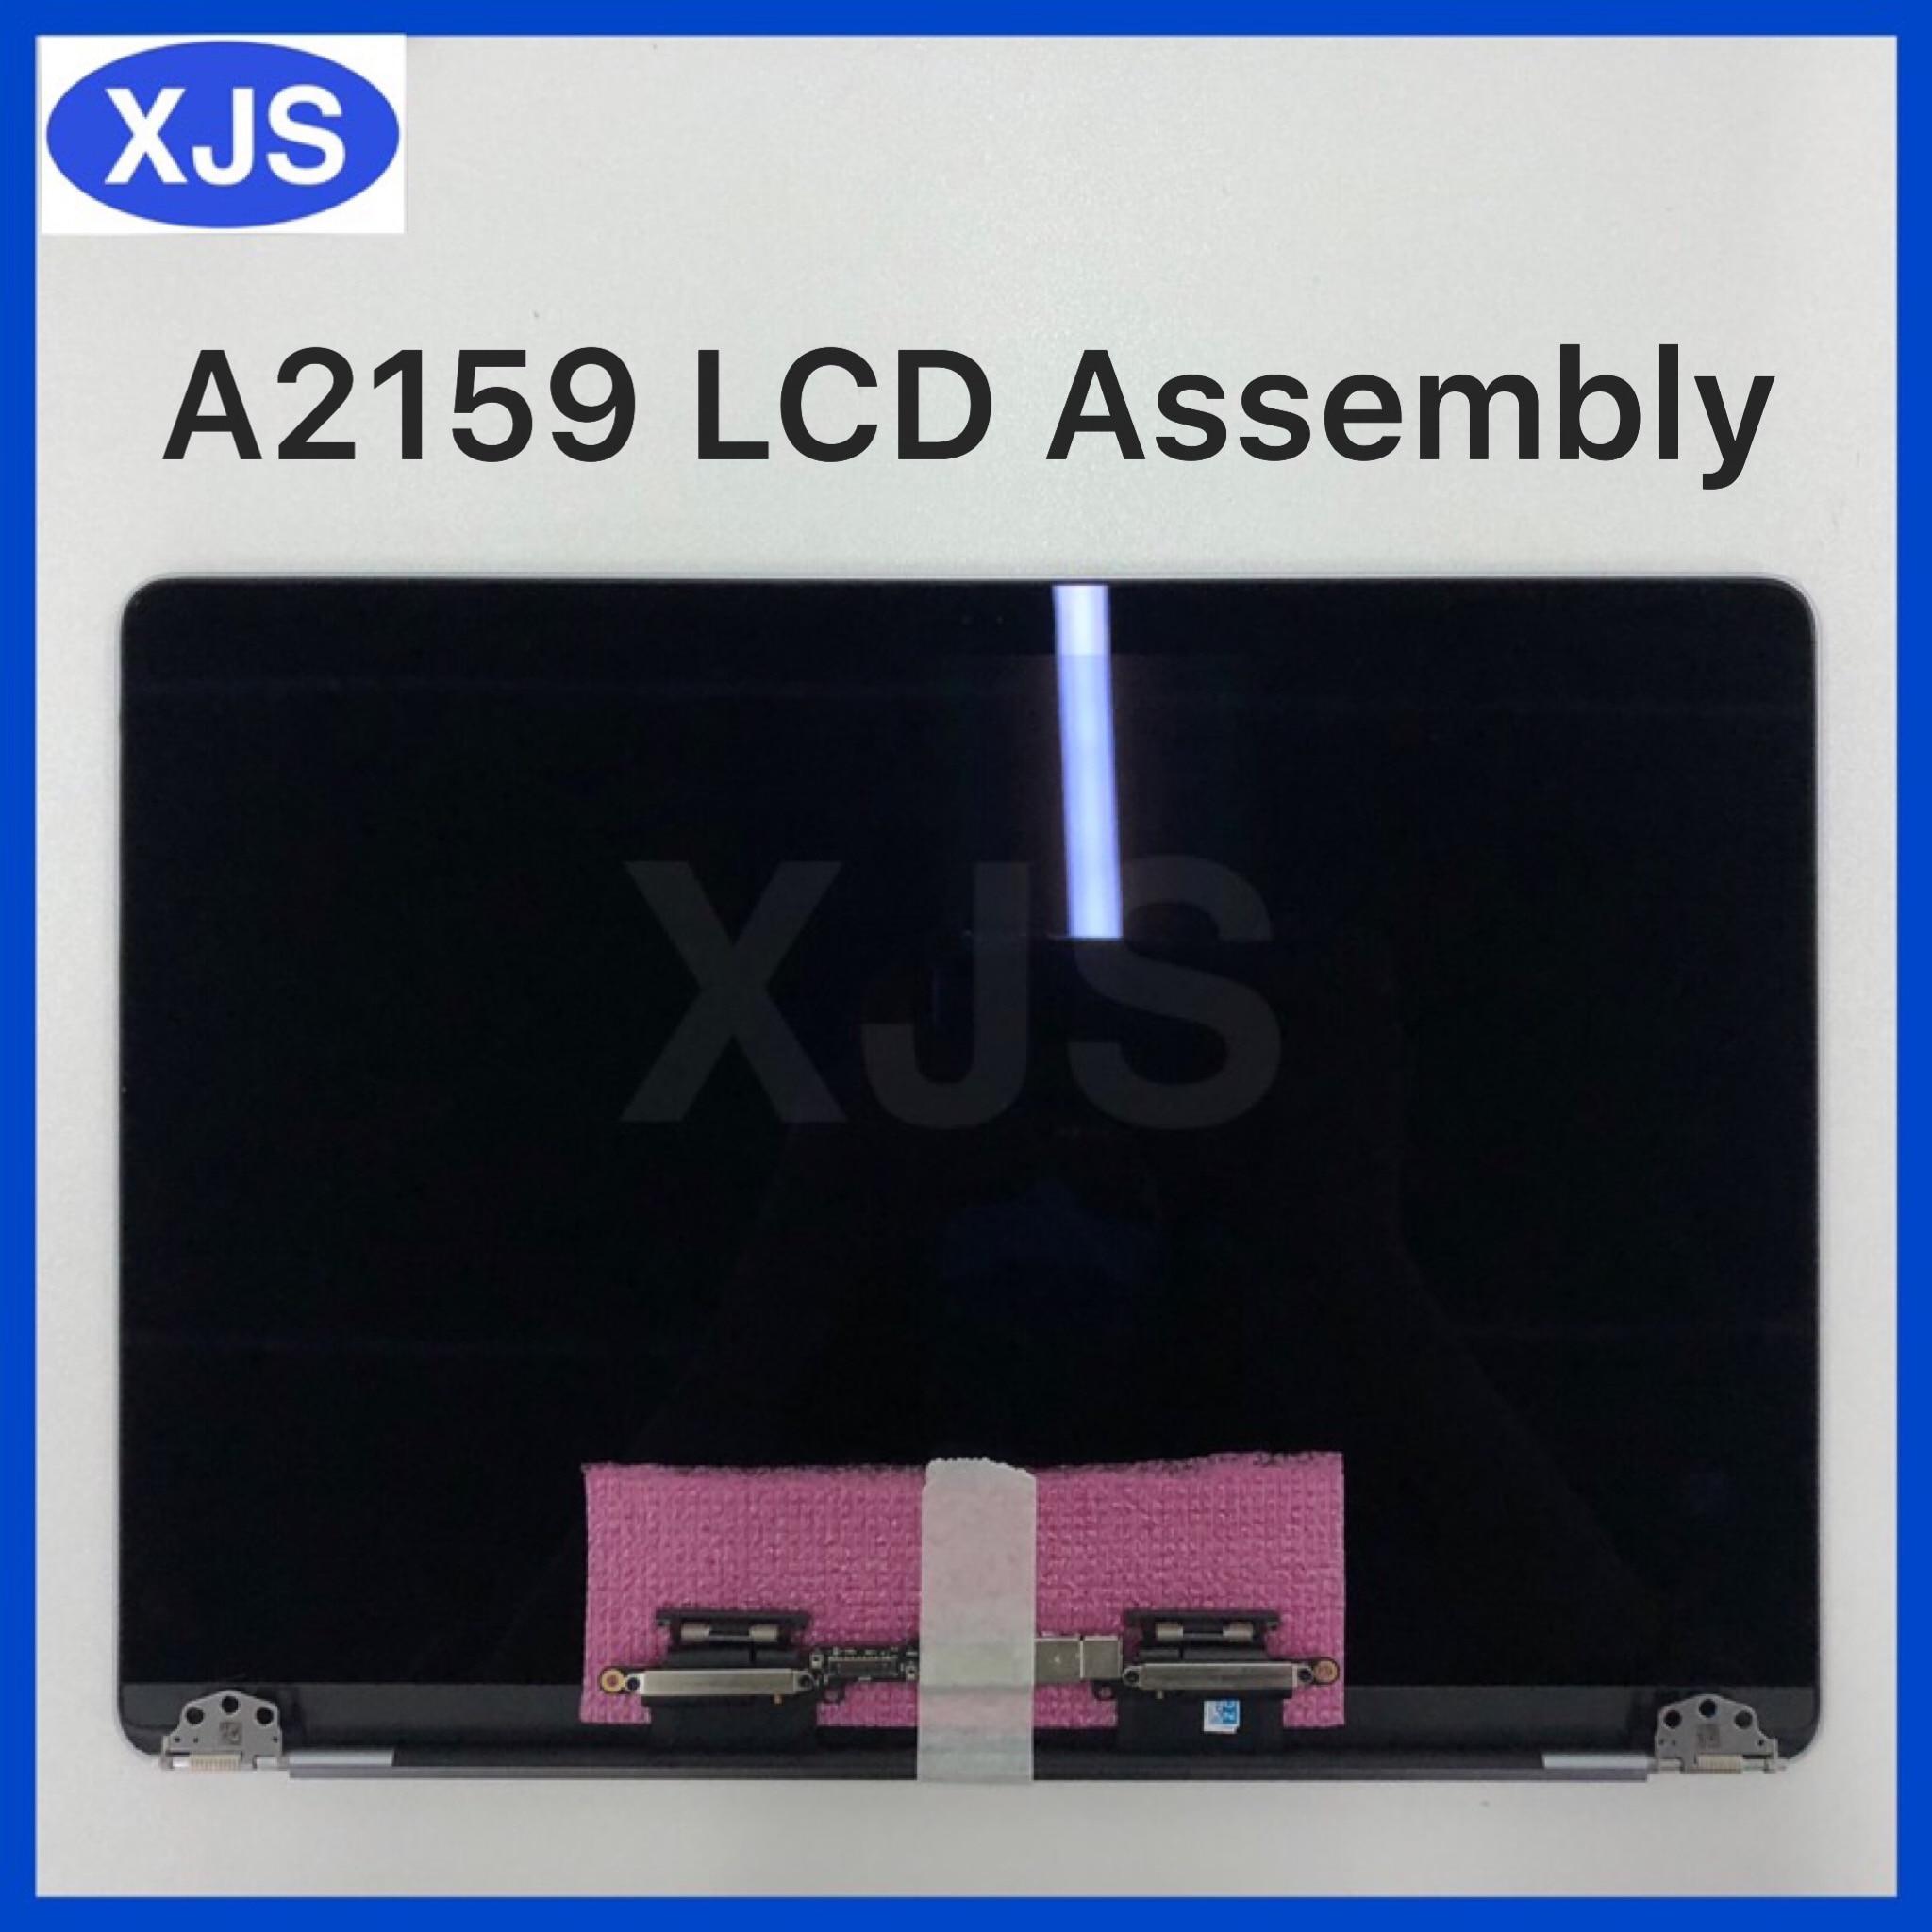 Оригинальный Серый ЖК-экран A2159 для Macbook Pro Retina 13